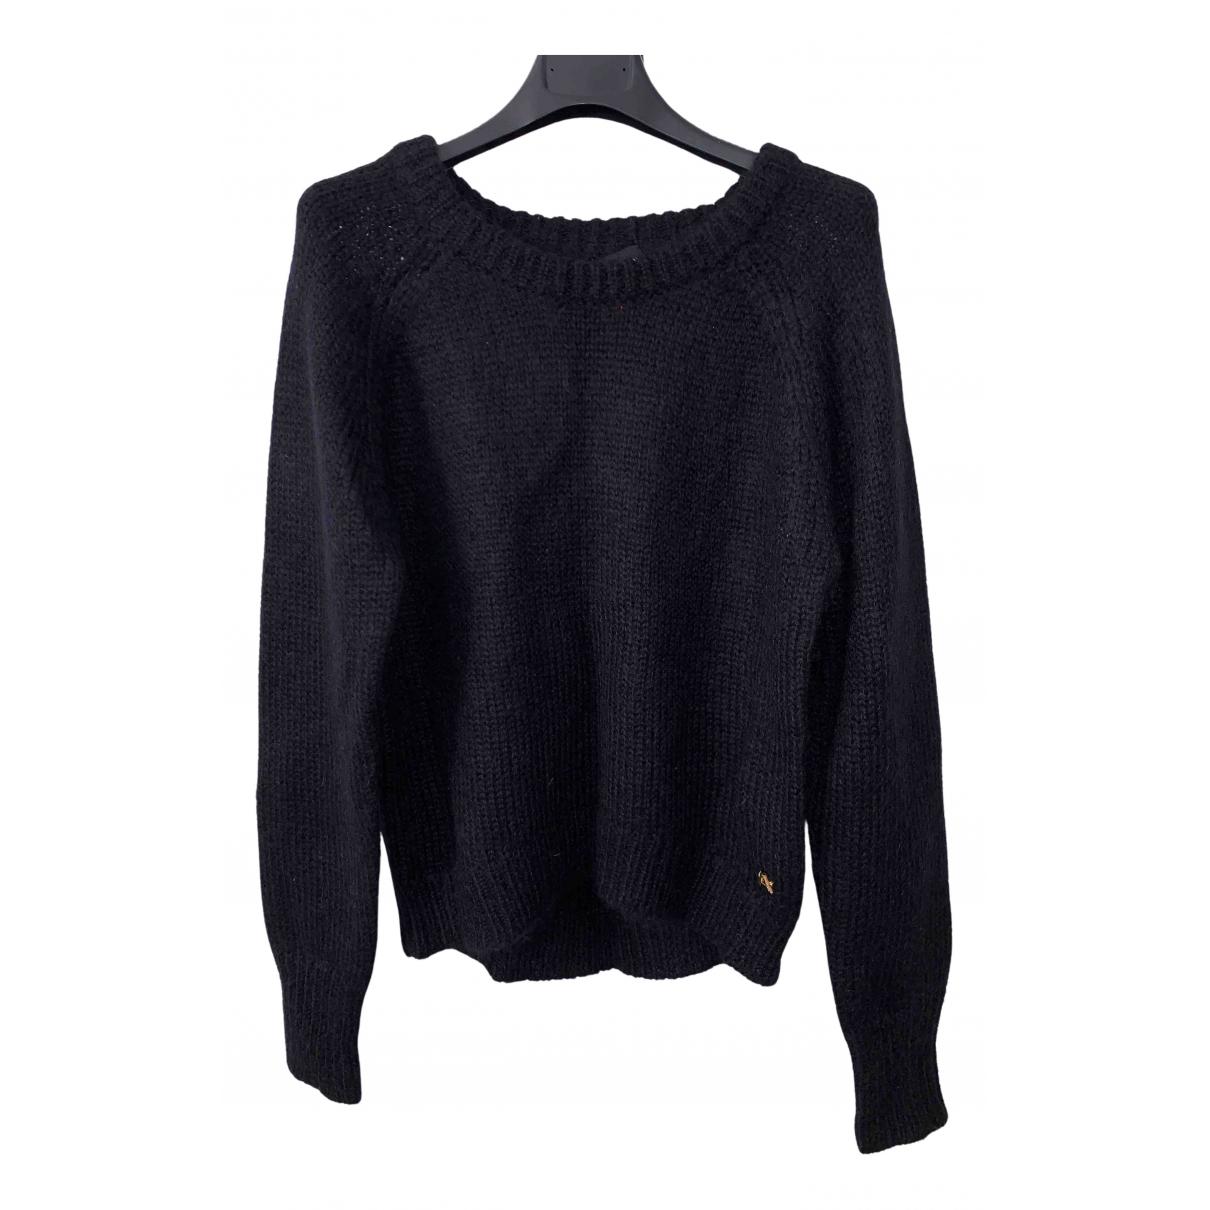 Avelon - Pull   pour femme en laine - noir